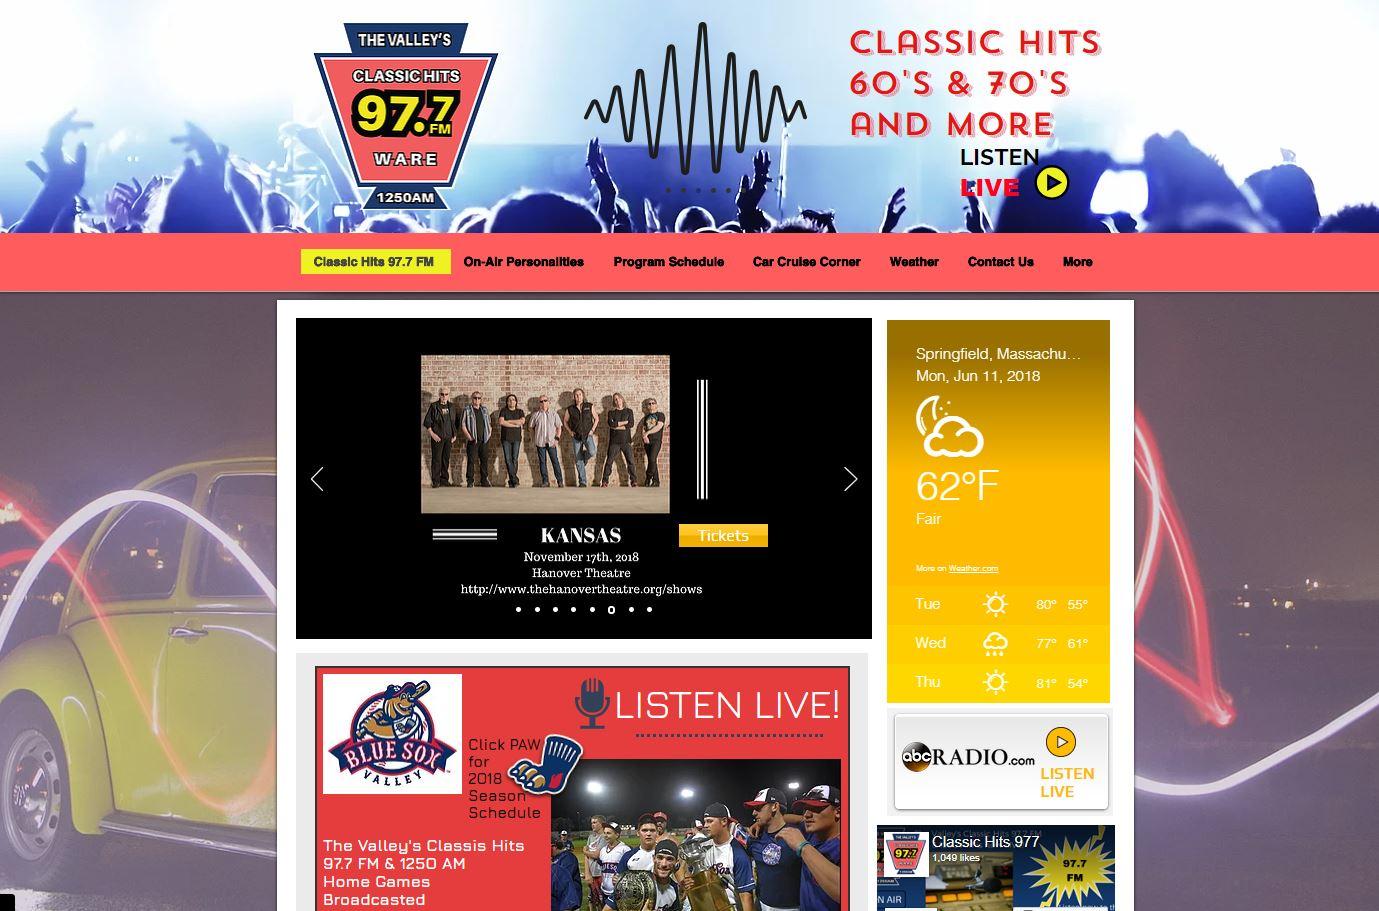 Classic Hits 97.7 FM